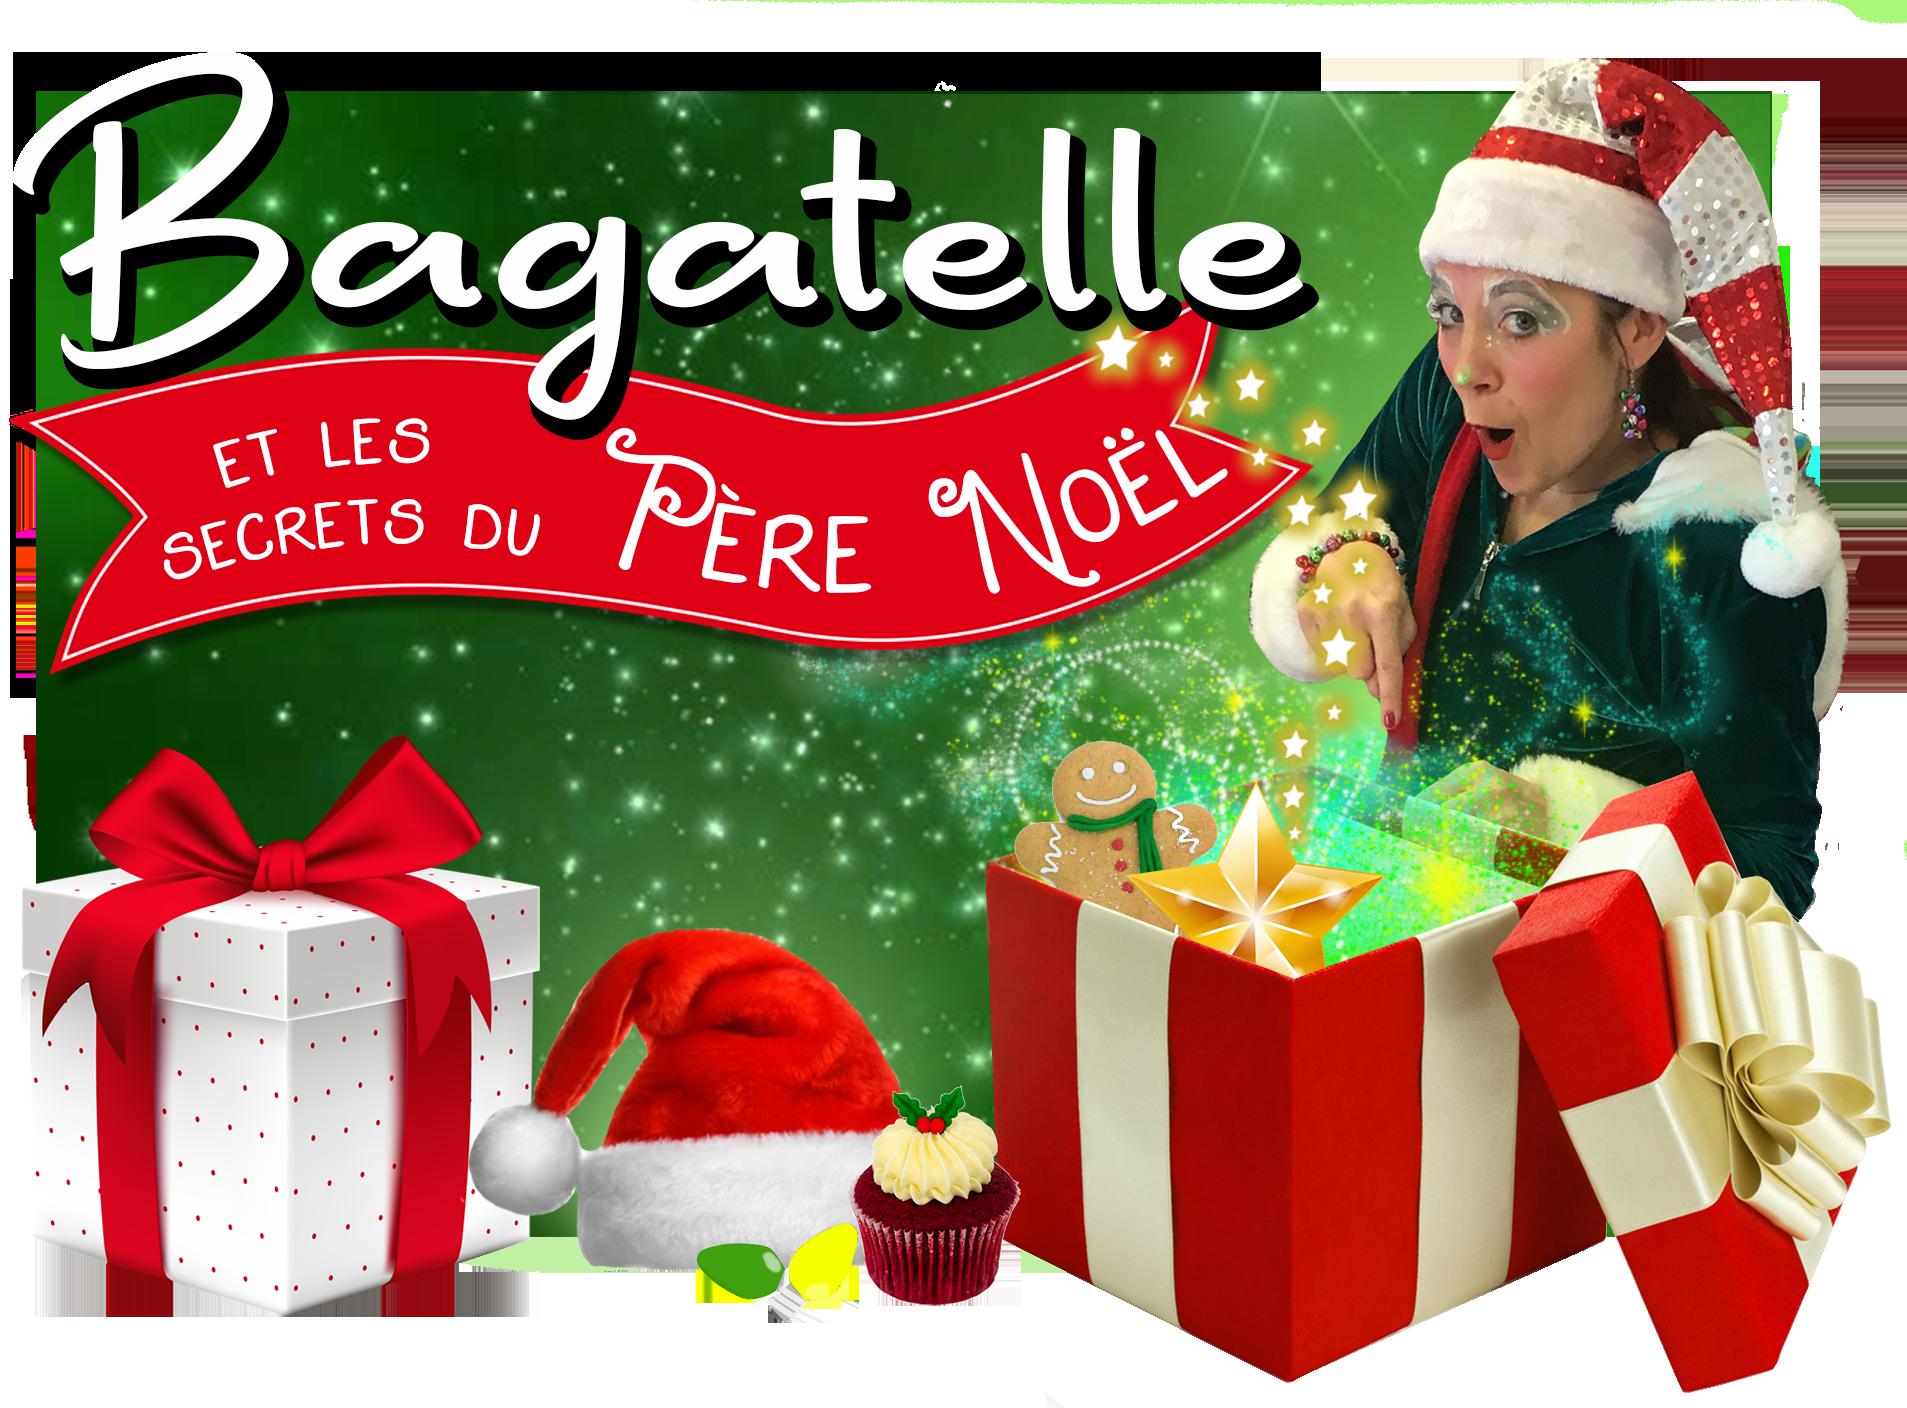 bagatelle et les secrets du Pre Noel